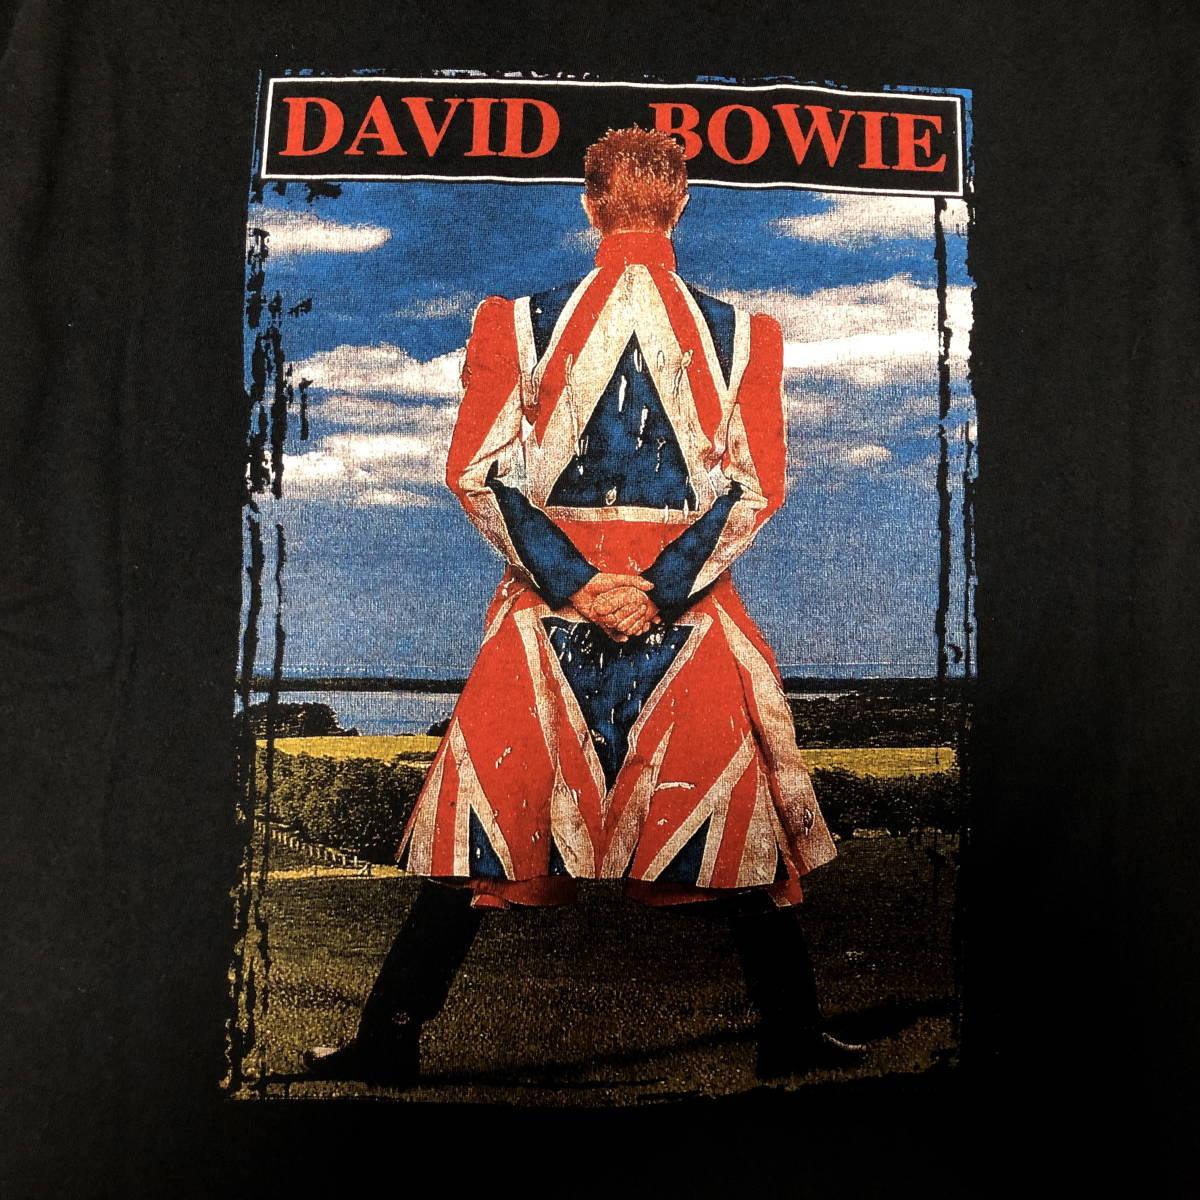 90s ビンテージ DAVID BOWIE ツアー Tシャツ XLサイズ 90年代 ヴィンテージ ボウイ バンドT NIRVANA METALLICA OASIS BLUR SONICYOUTH_画像3